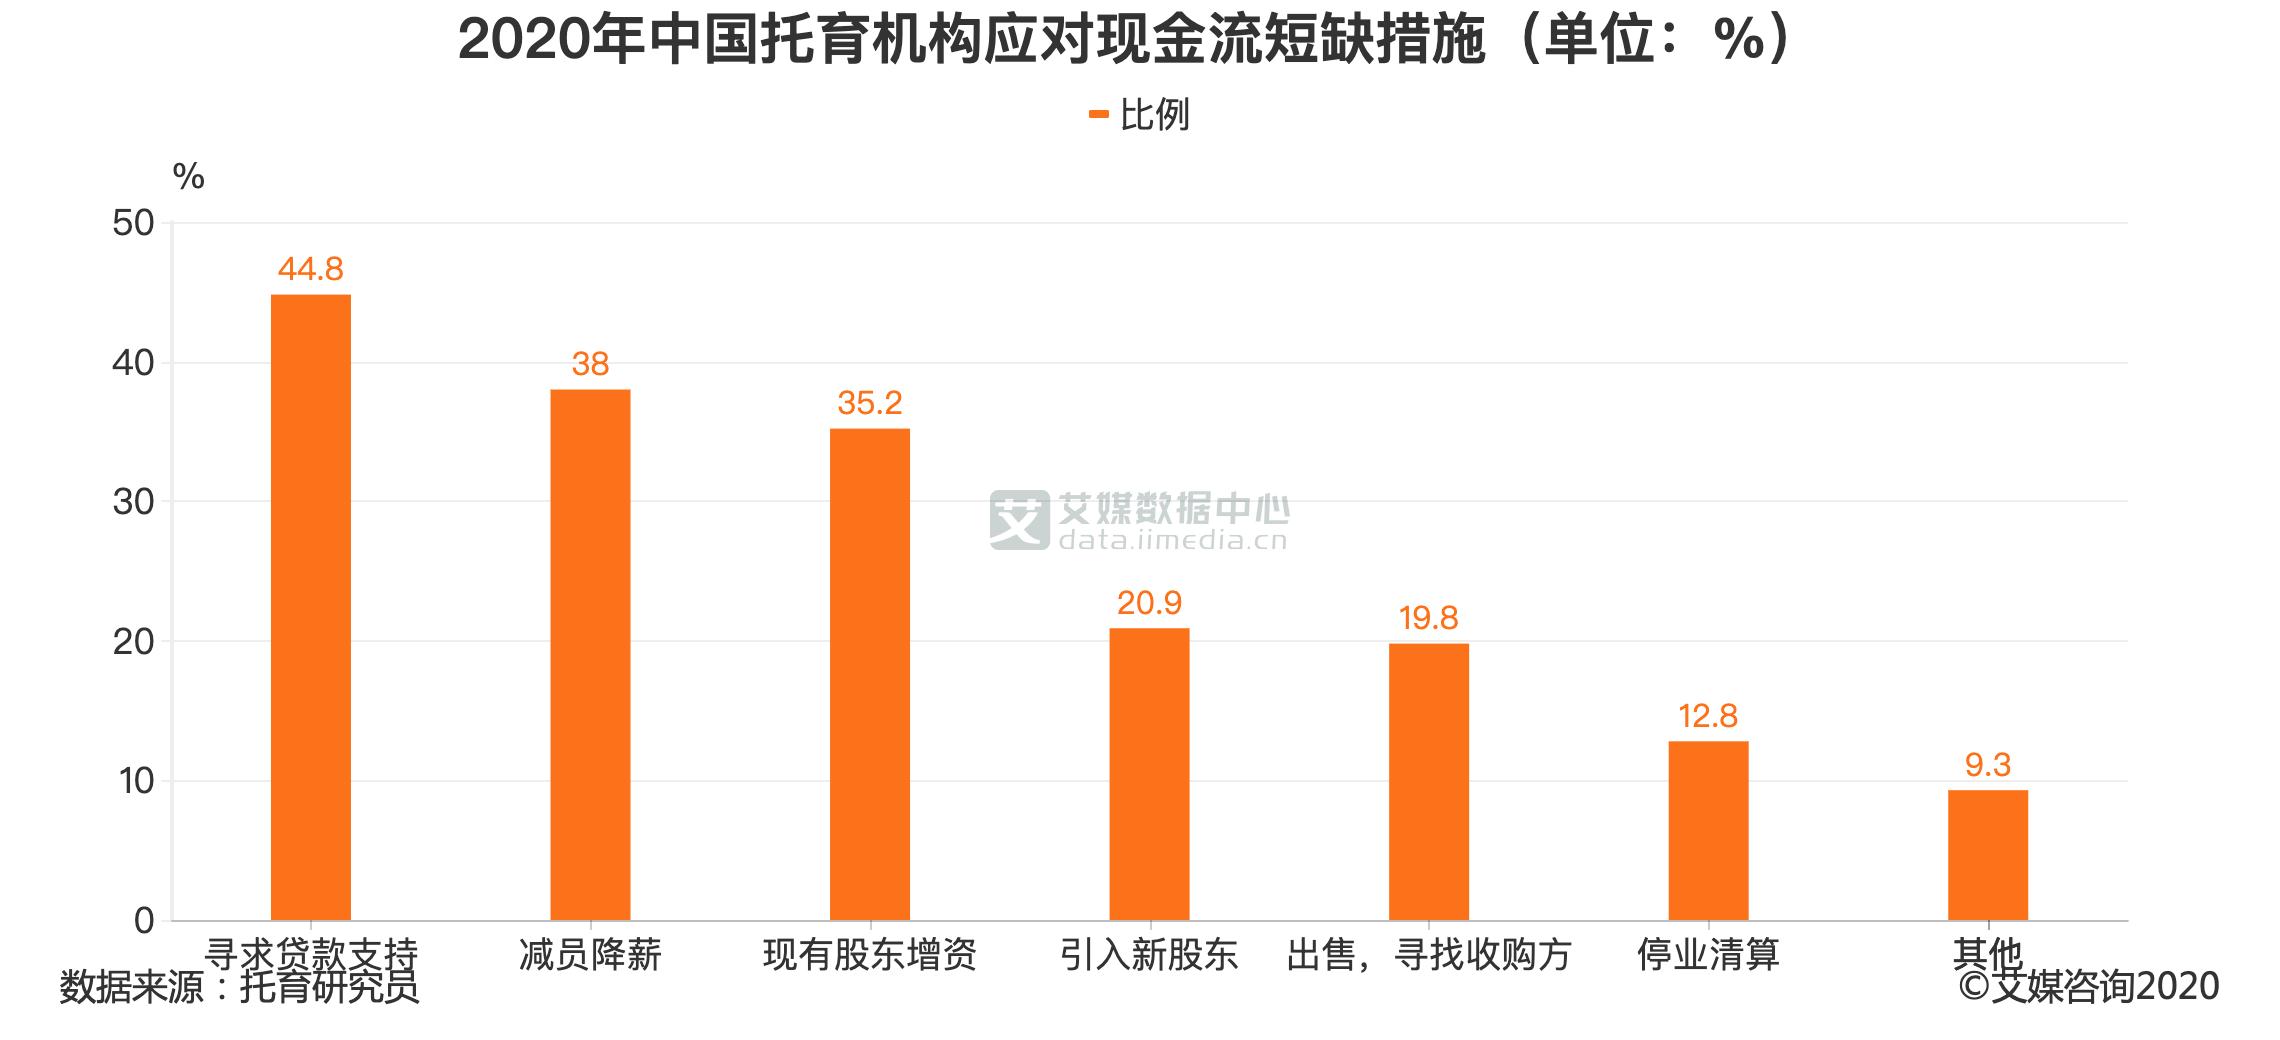 2020年中国托育机构应对现金流短缺措施(单位:%)